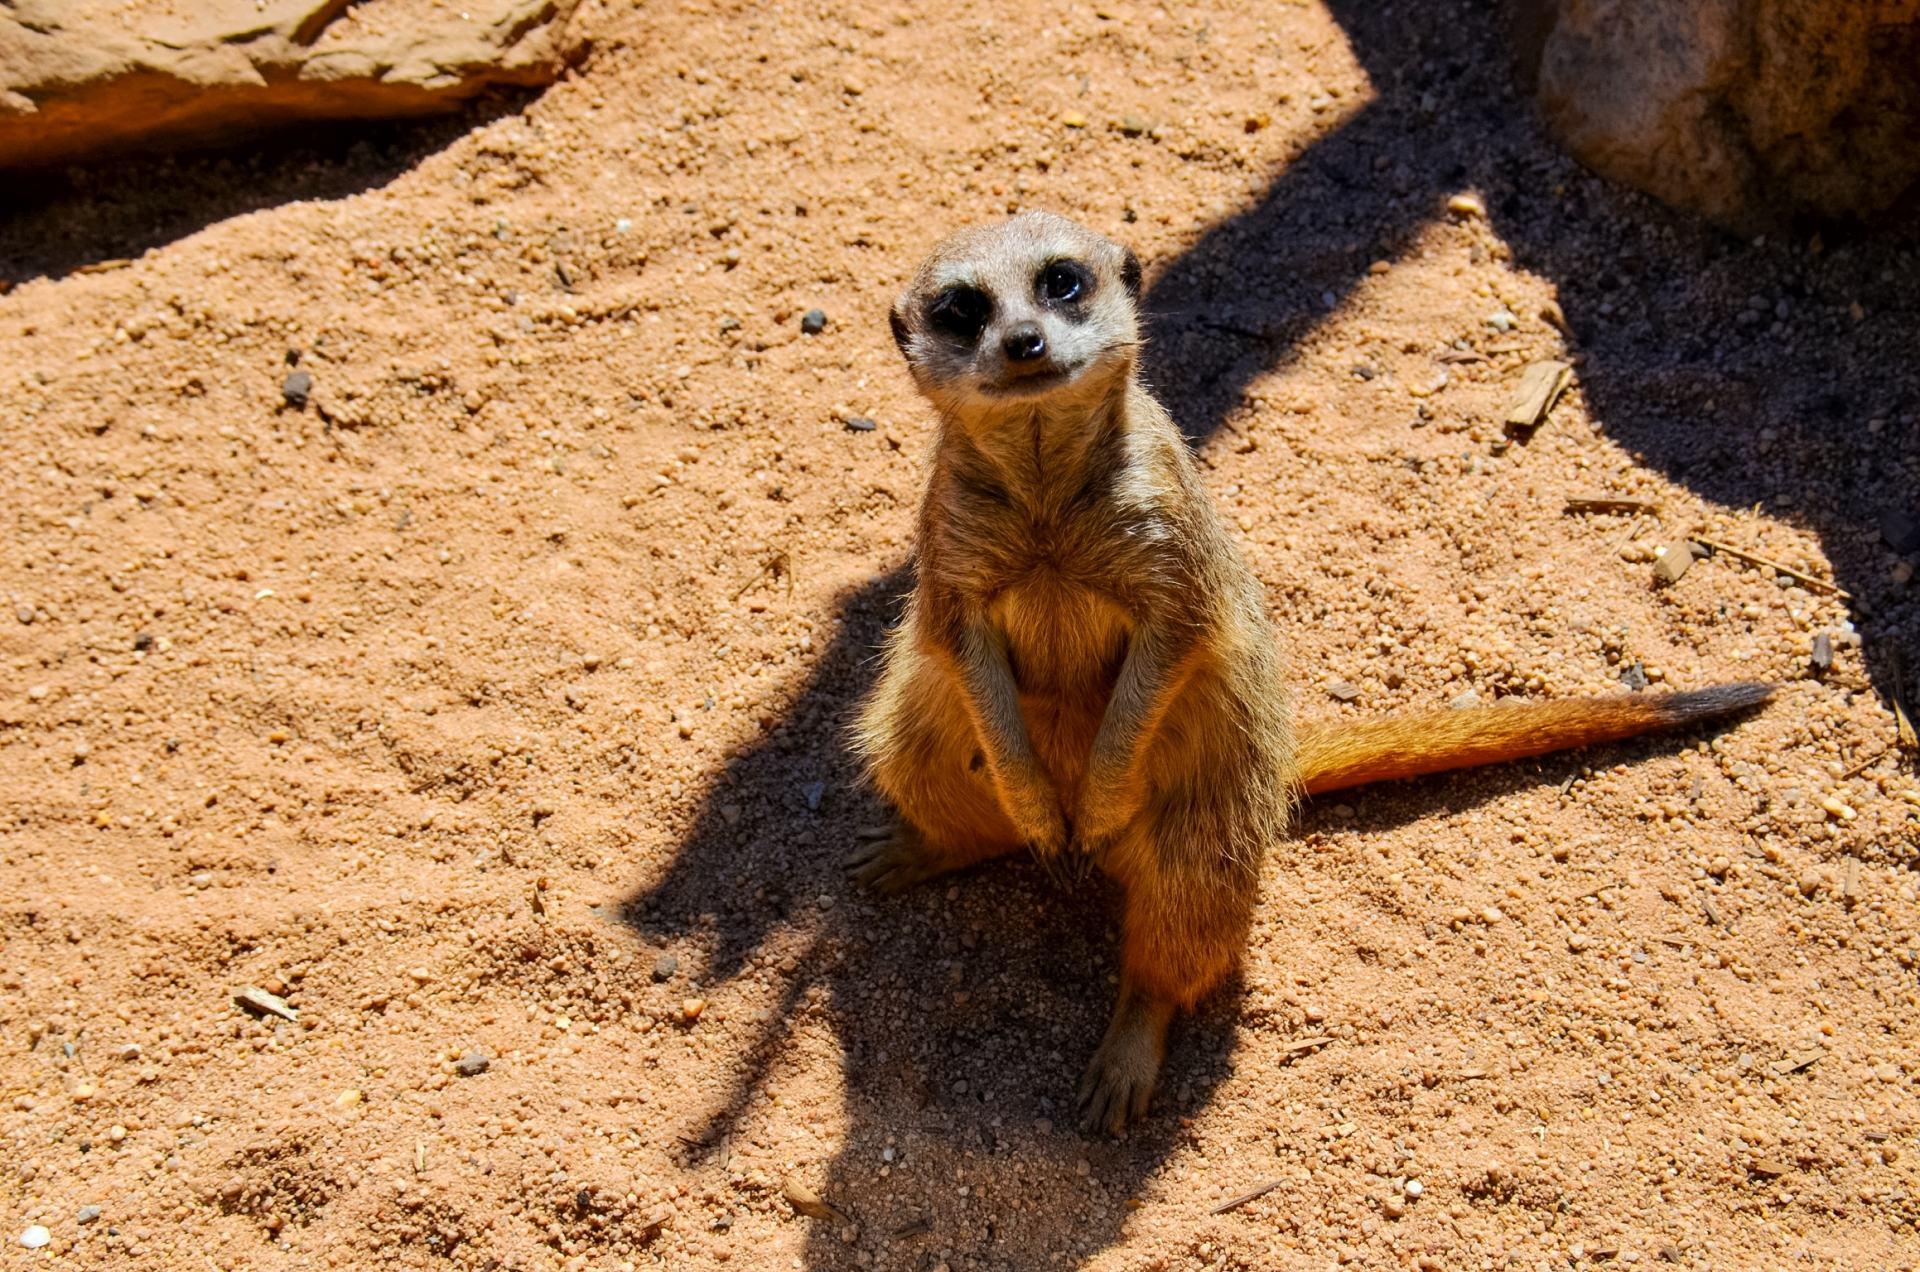 meerkat at the zoo